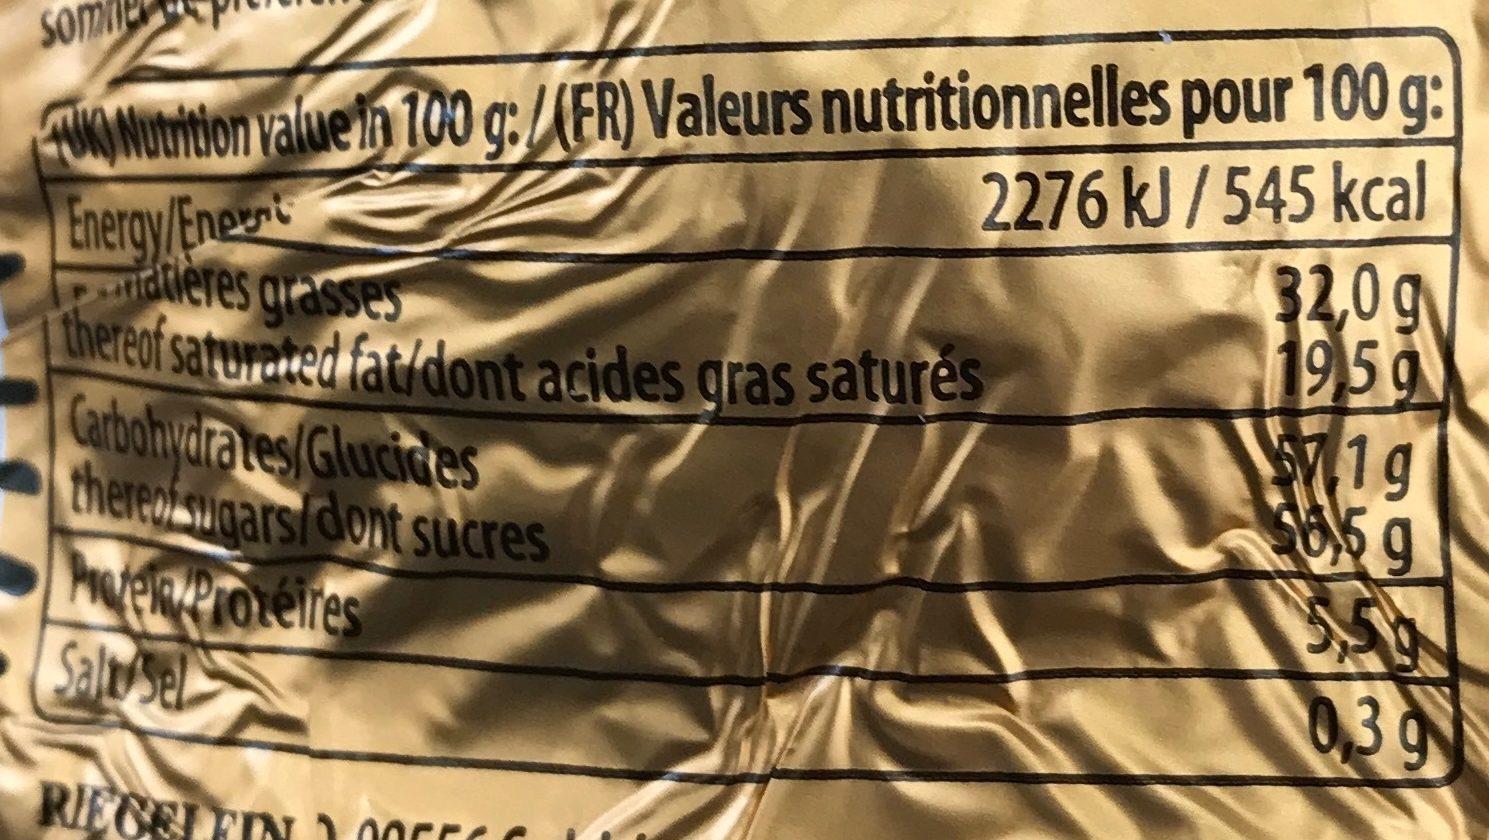 Confiserie chocolat au lait - Nutrition facts - fr